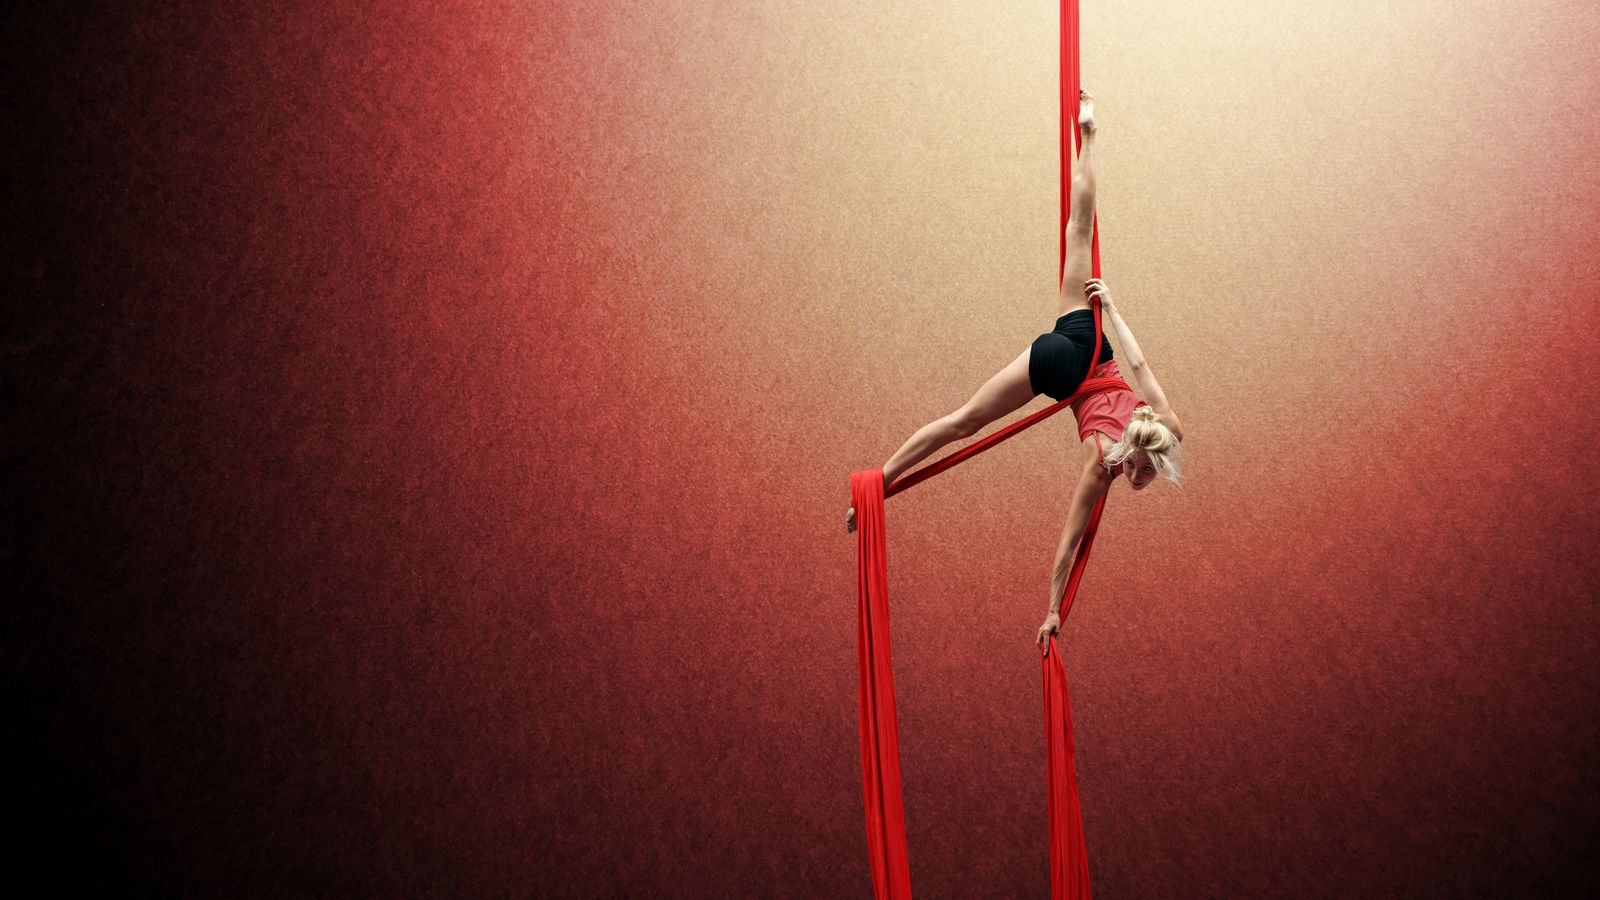 Ella s'entraîne au tissu aérien au gymnase d'Overground Circus à Lyon, elle est suspendue par la taille à son tissu et se retient avec son pied.